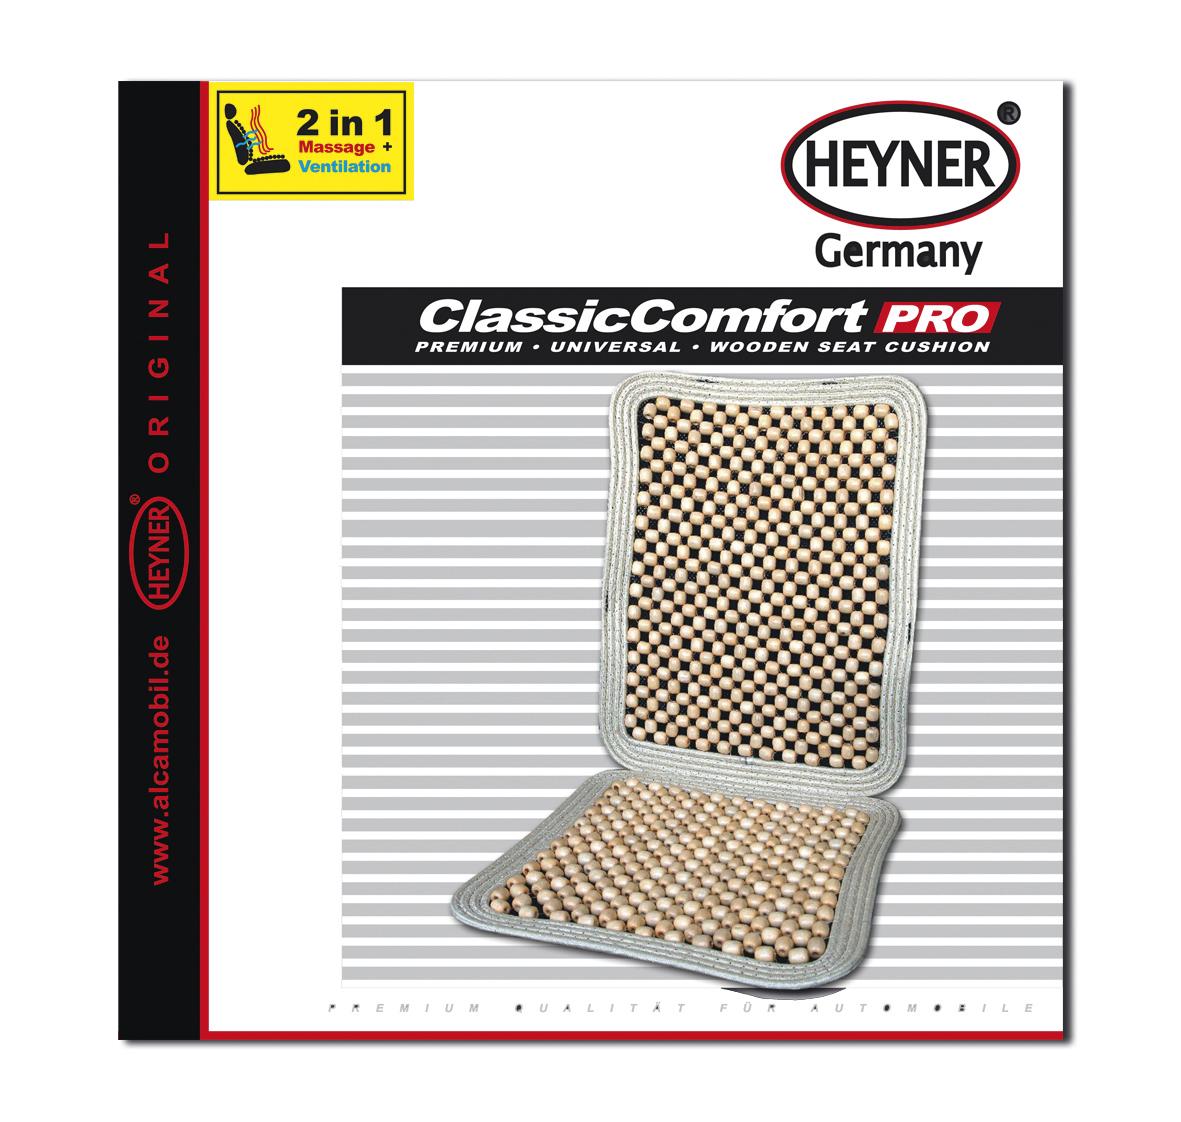 Накидка-массажер на сиденье Heyner, деревянные шарики, сиденье 38 х 38 см, спинка 50 х 38 см710000Накидка Heyner обеспечивает массаж и охлаждение для водителя и пассажиров посредством деревянных шариков. Быстро и просто устанавливается на все типы автомобильных сидений. Размер сиденья: 38 х 38 см. Размер спинки: 50 х 38 см.